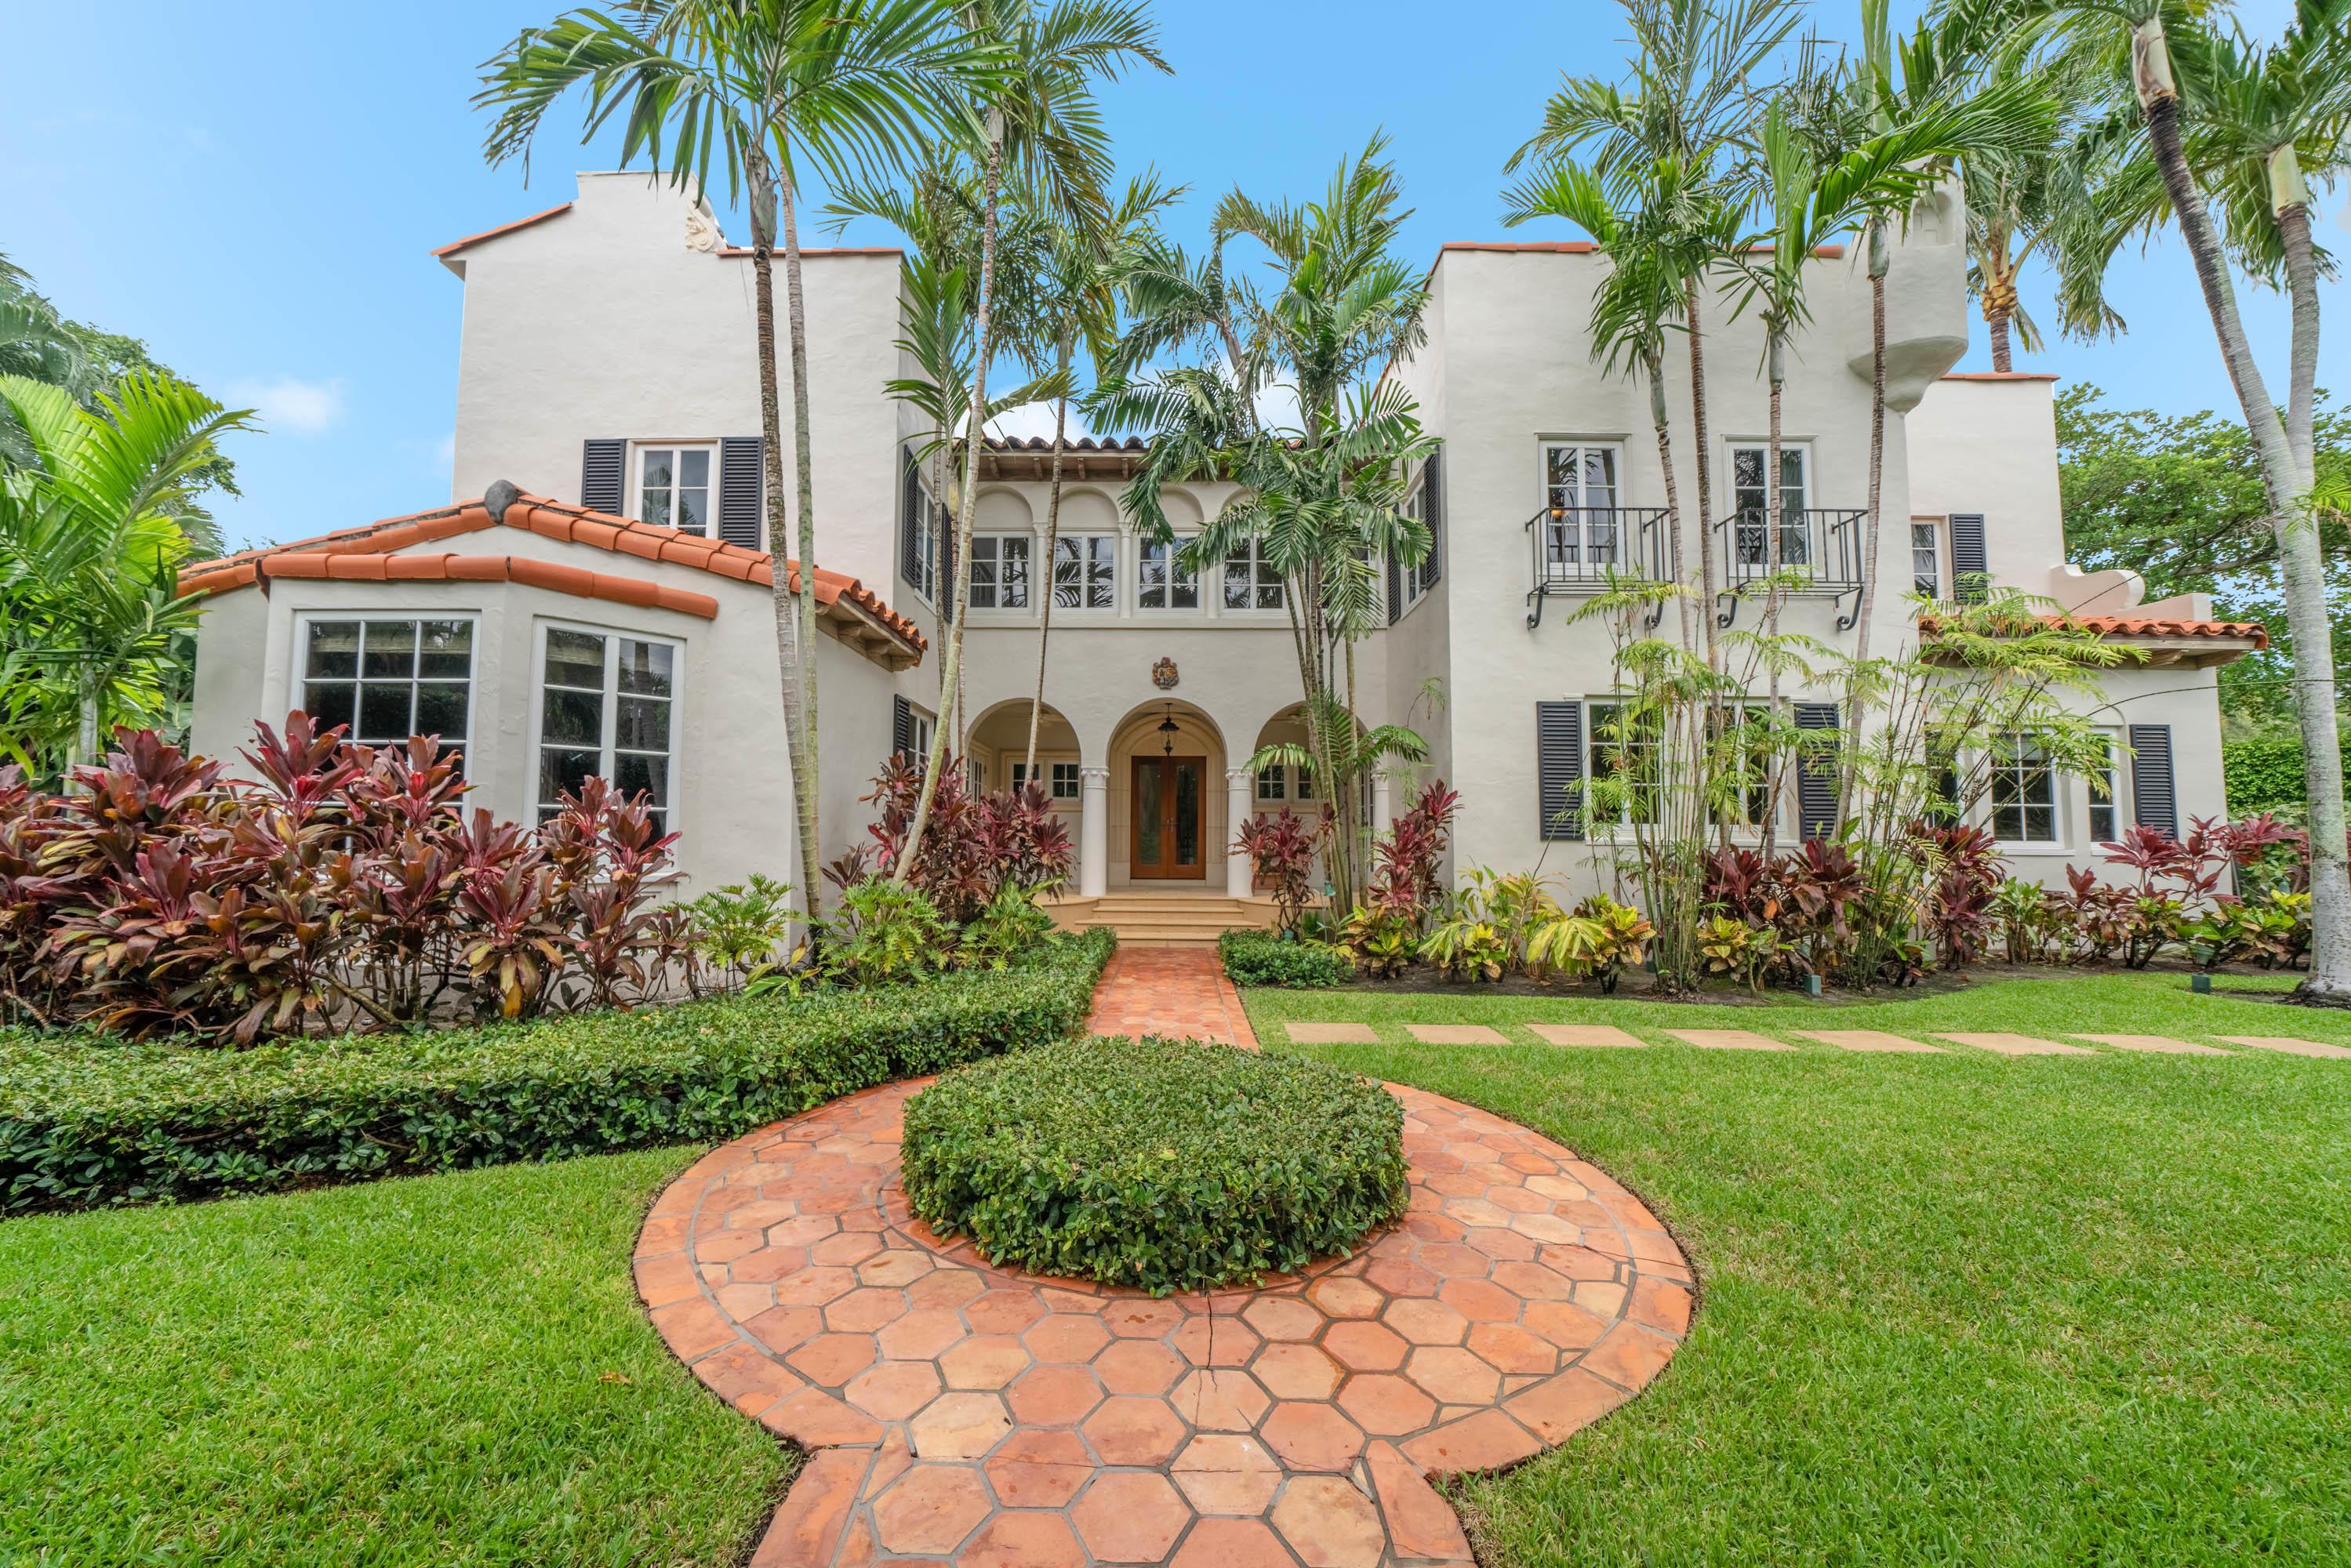 Photo of 200 Barton Avenue, Palm Beach, FL 33480